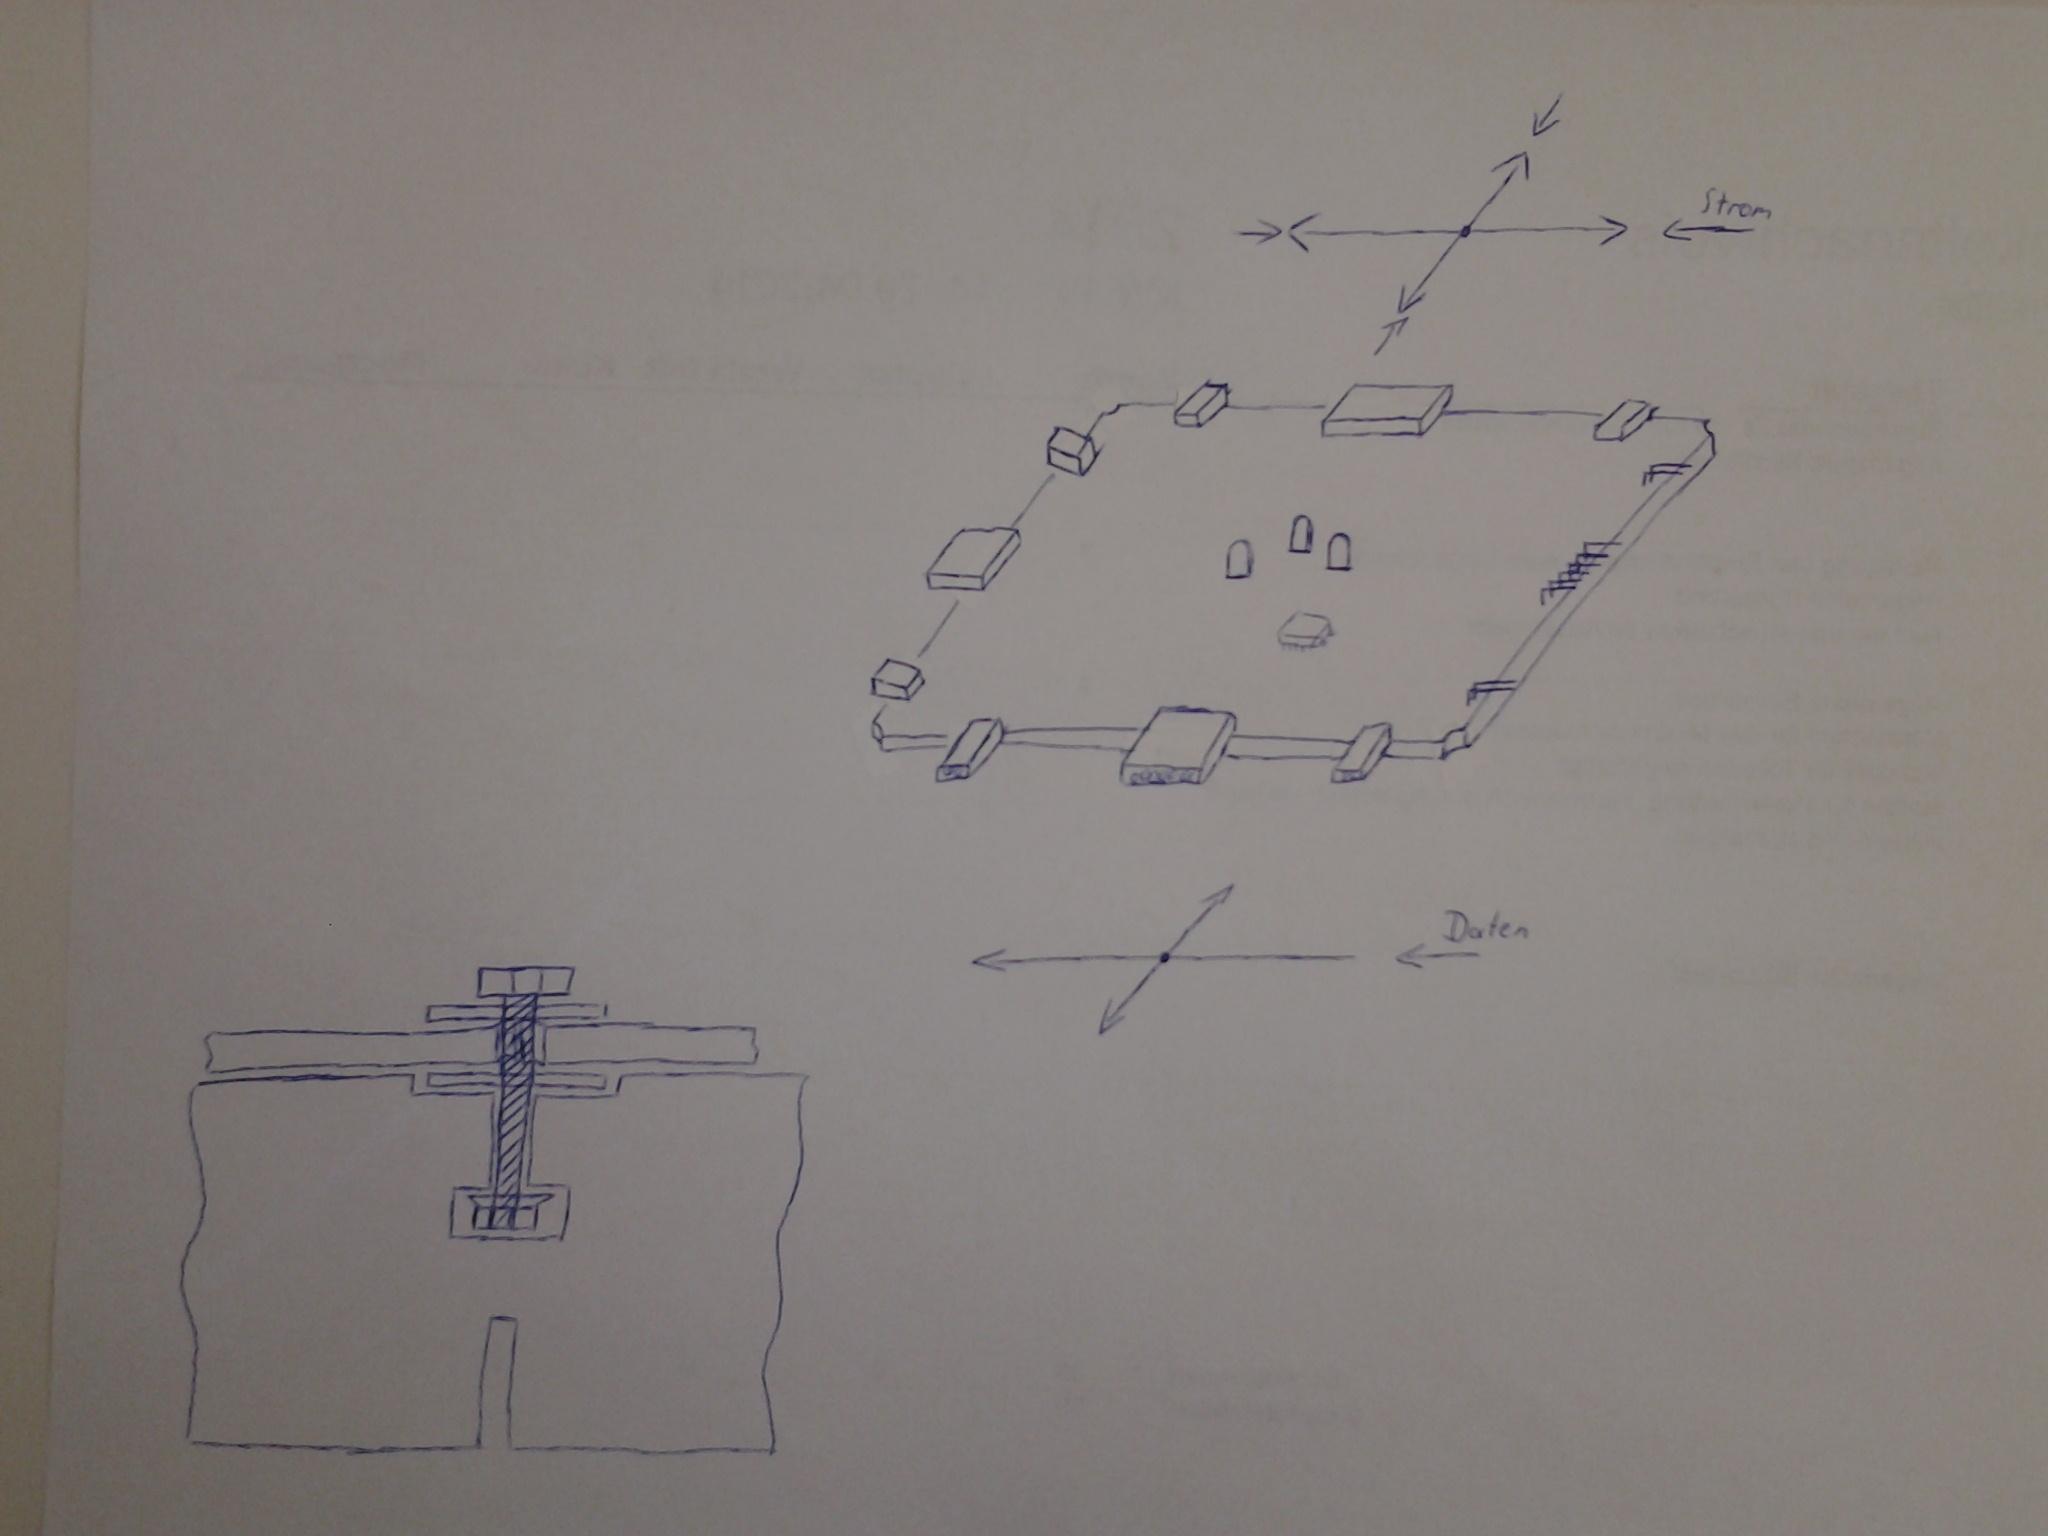 LED Tisch mit Berührungs-/Gegenstandserkennung - Mikrocontroller.net